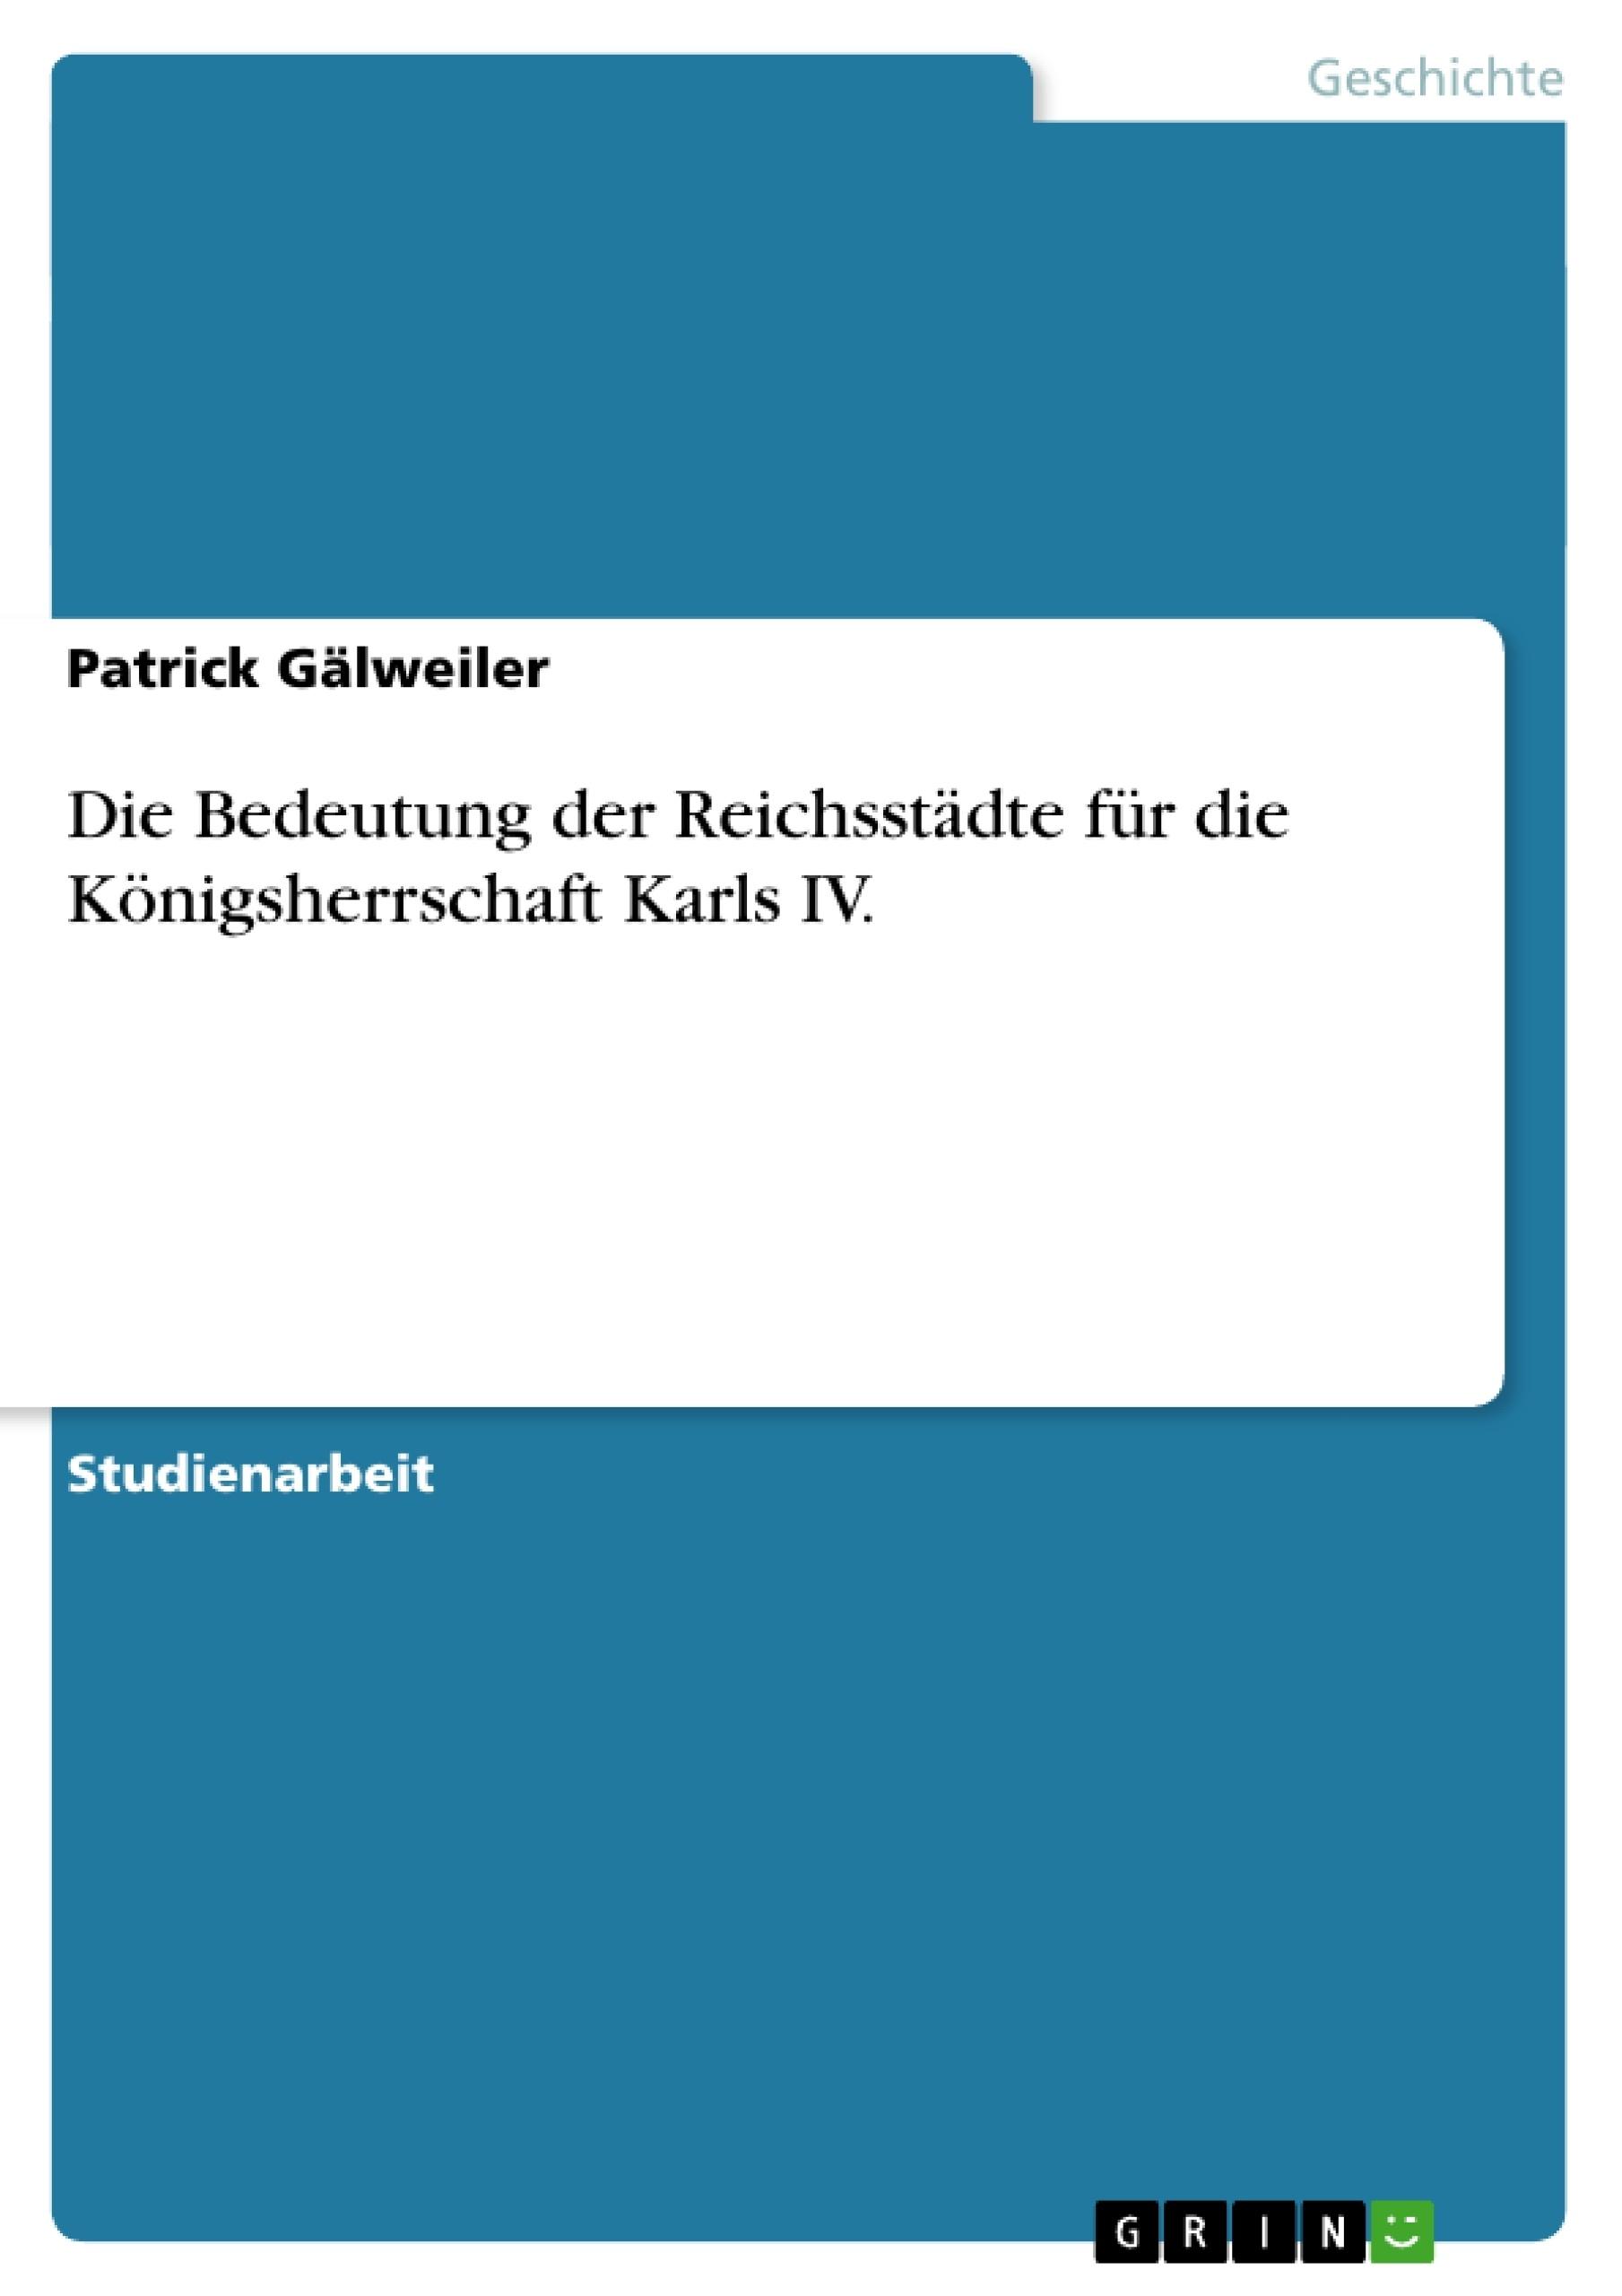 Titel: Die Bedeutung der Reichsstädte für die Königsherrschaft Karls IV.